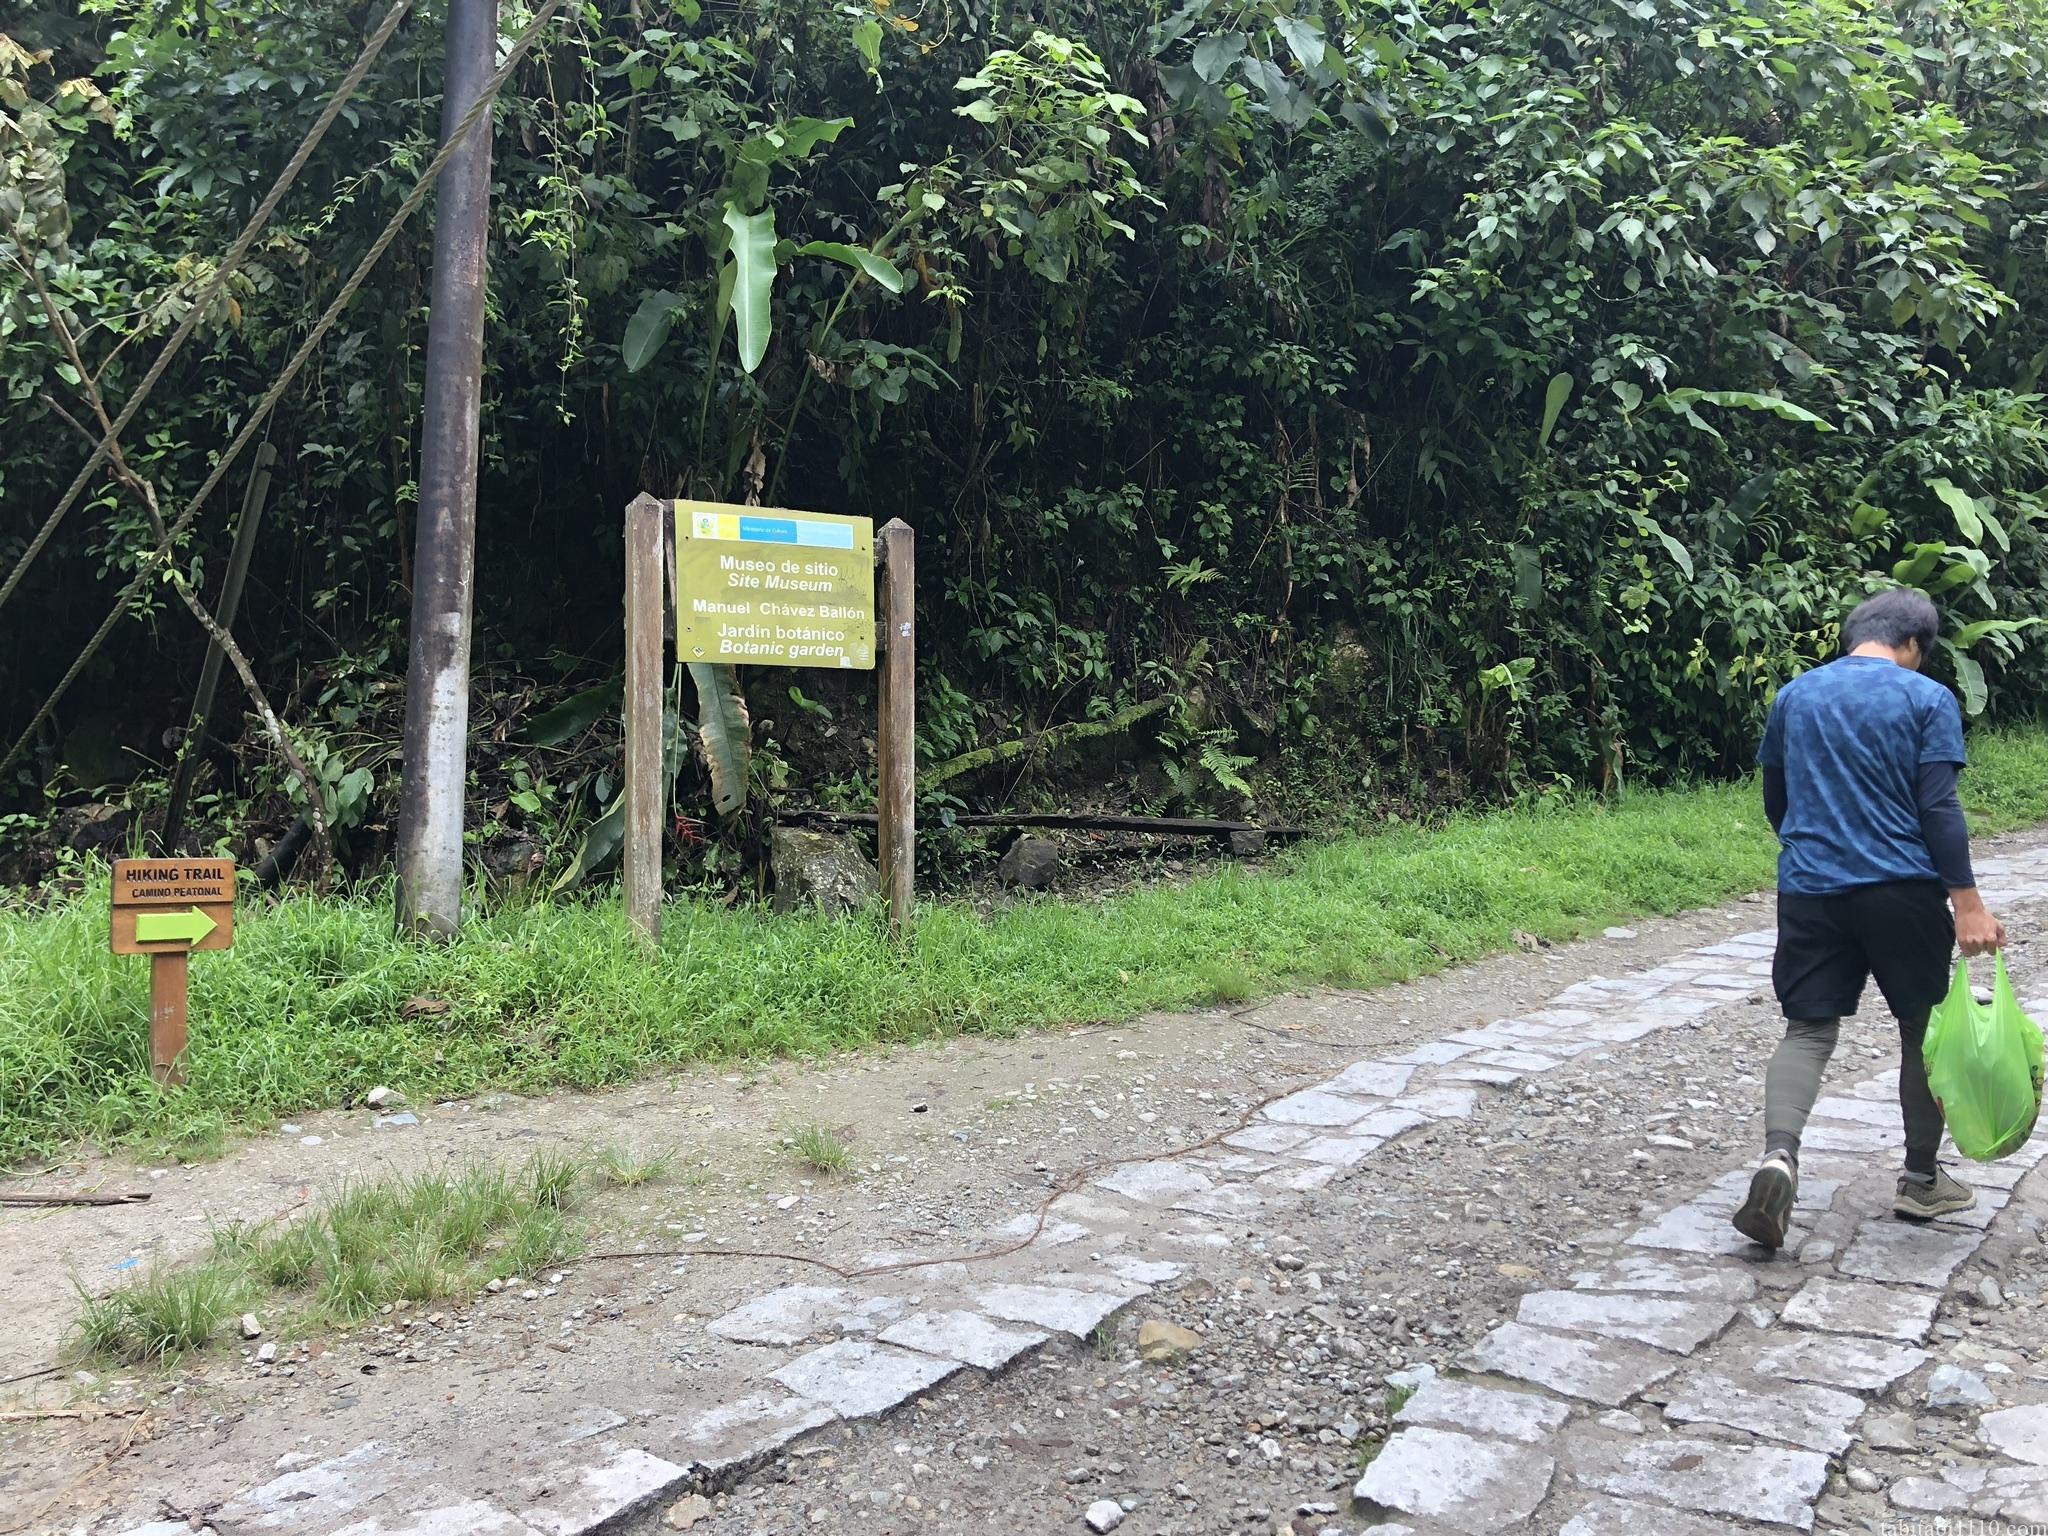 マチュピチュ村からマチュピチュへの登山